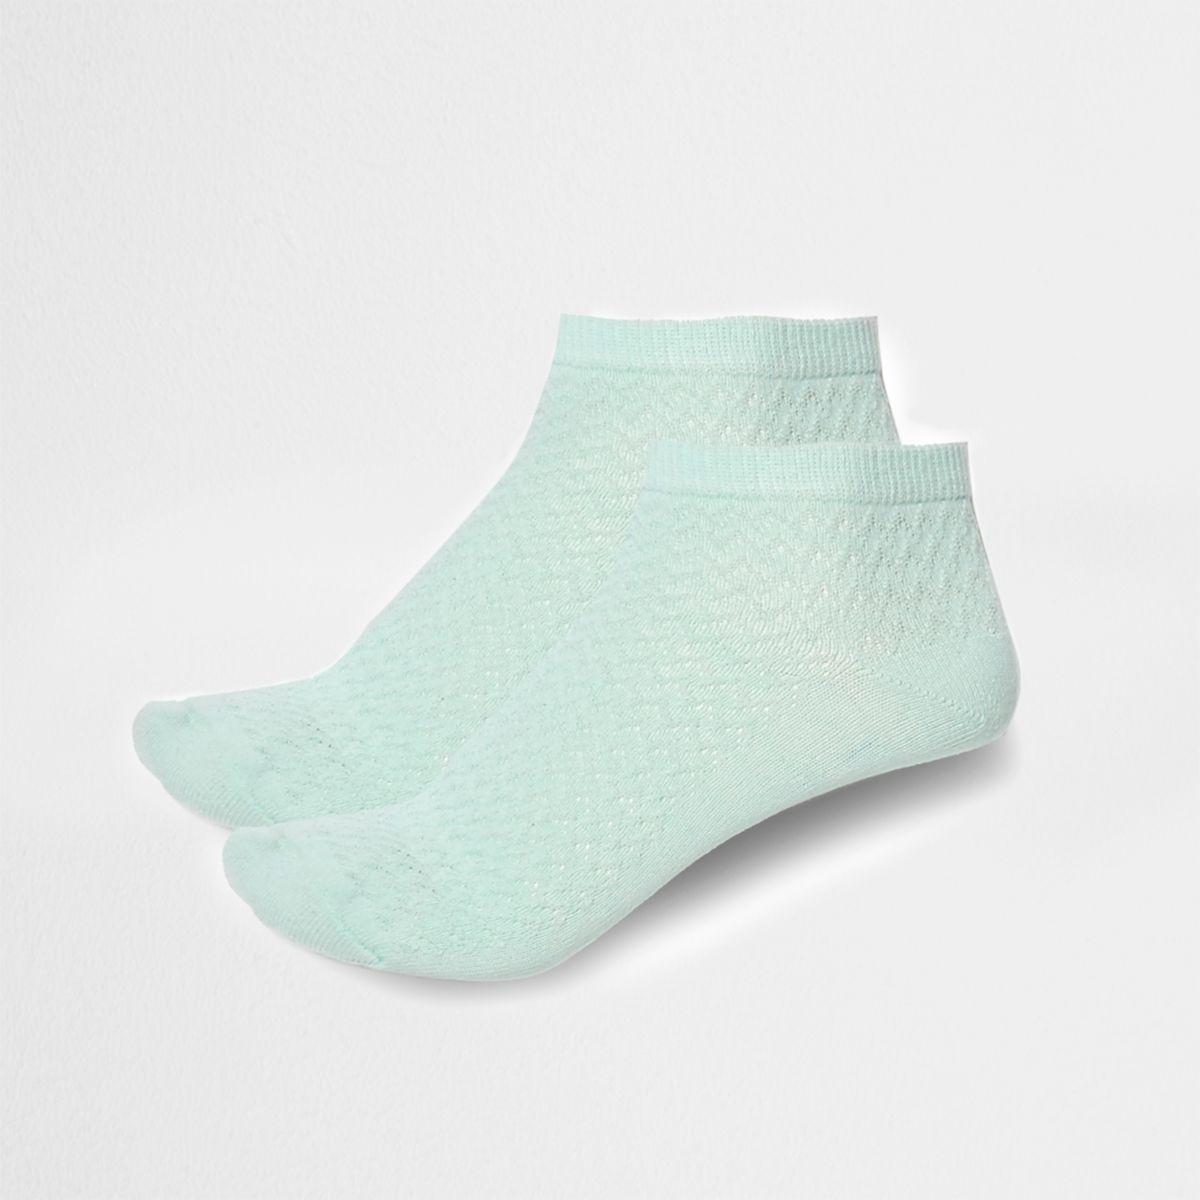 Mint green textured sneaker socks multipack